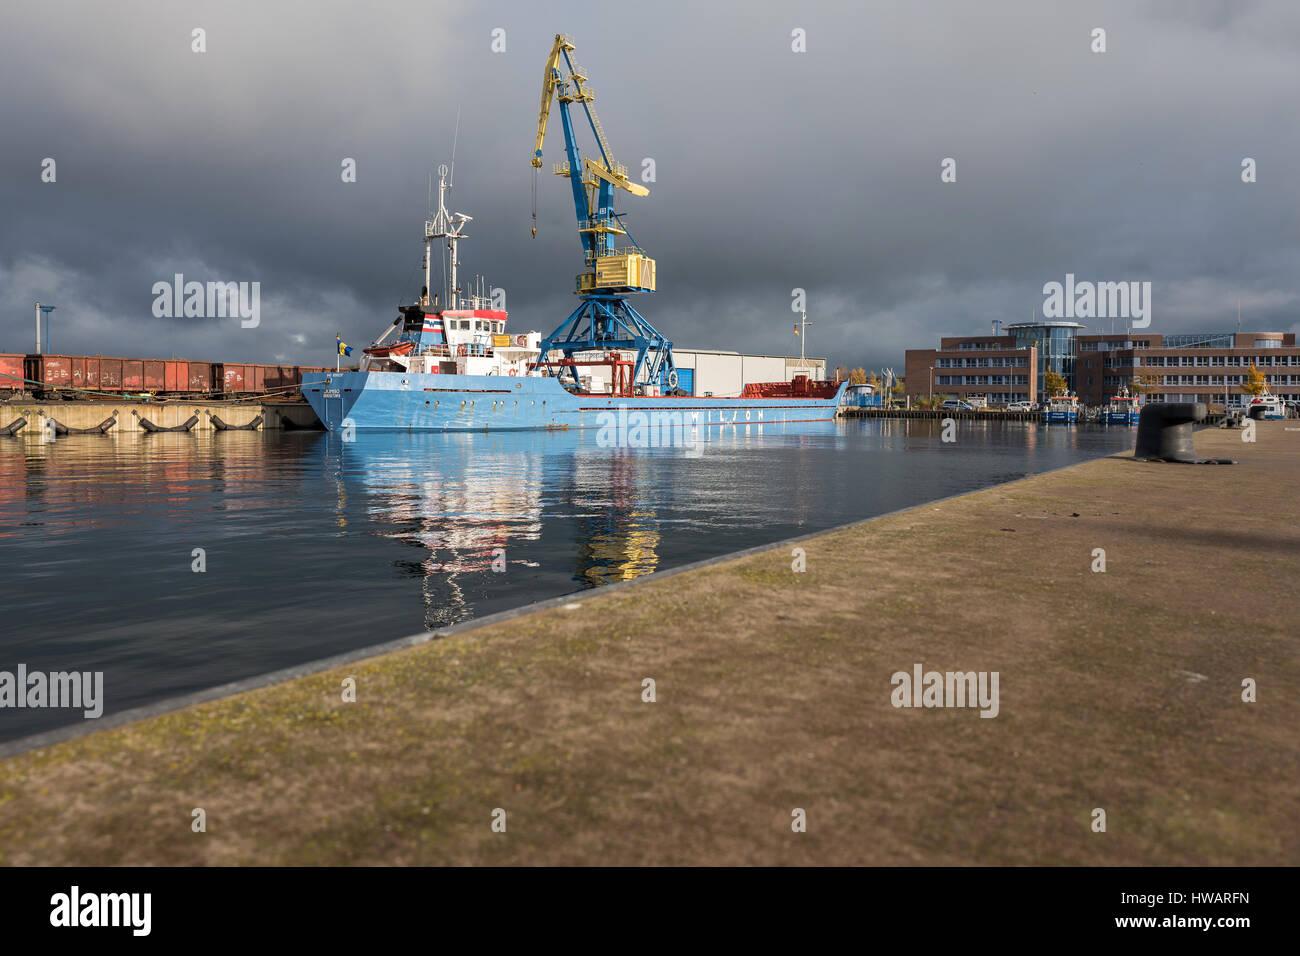 general cargo vessel JUMBO in the port of Wismar - Stock Image